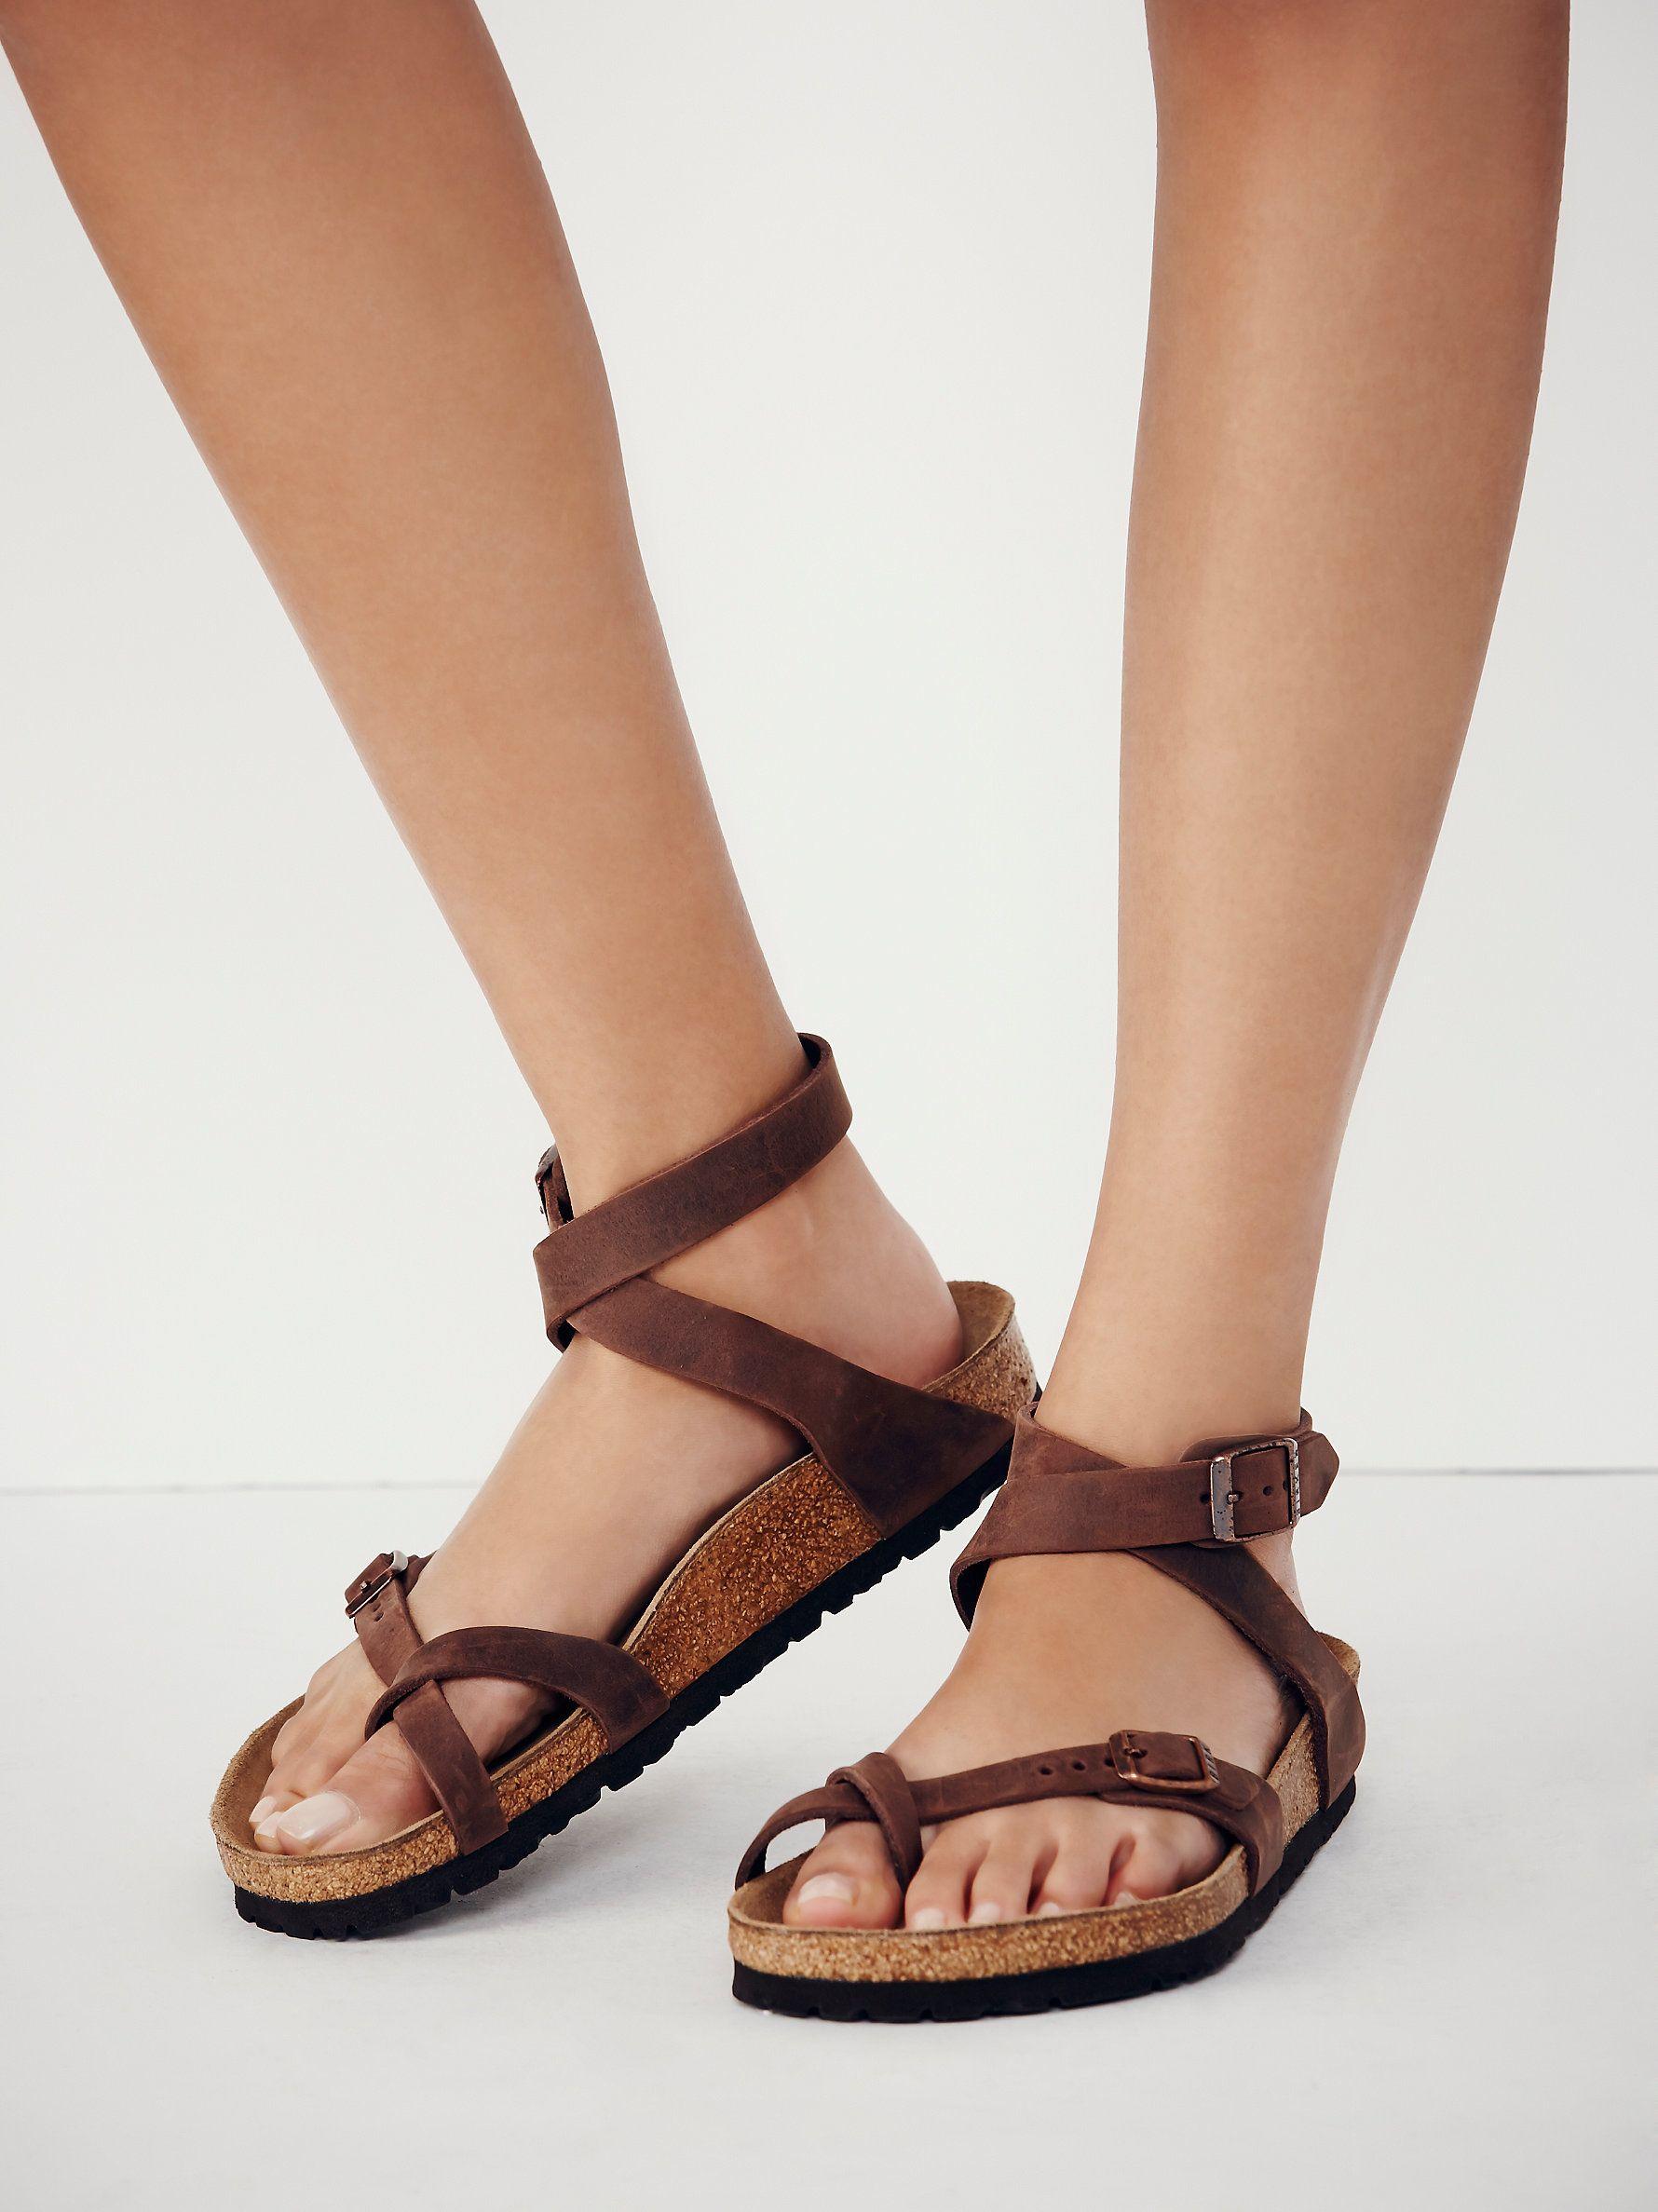 20af21646b8 Yara Birkenstock Sandal